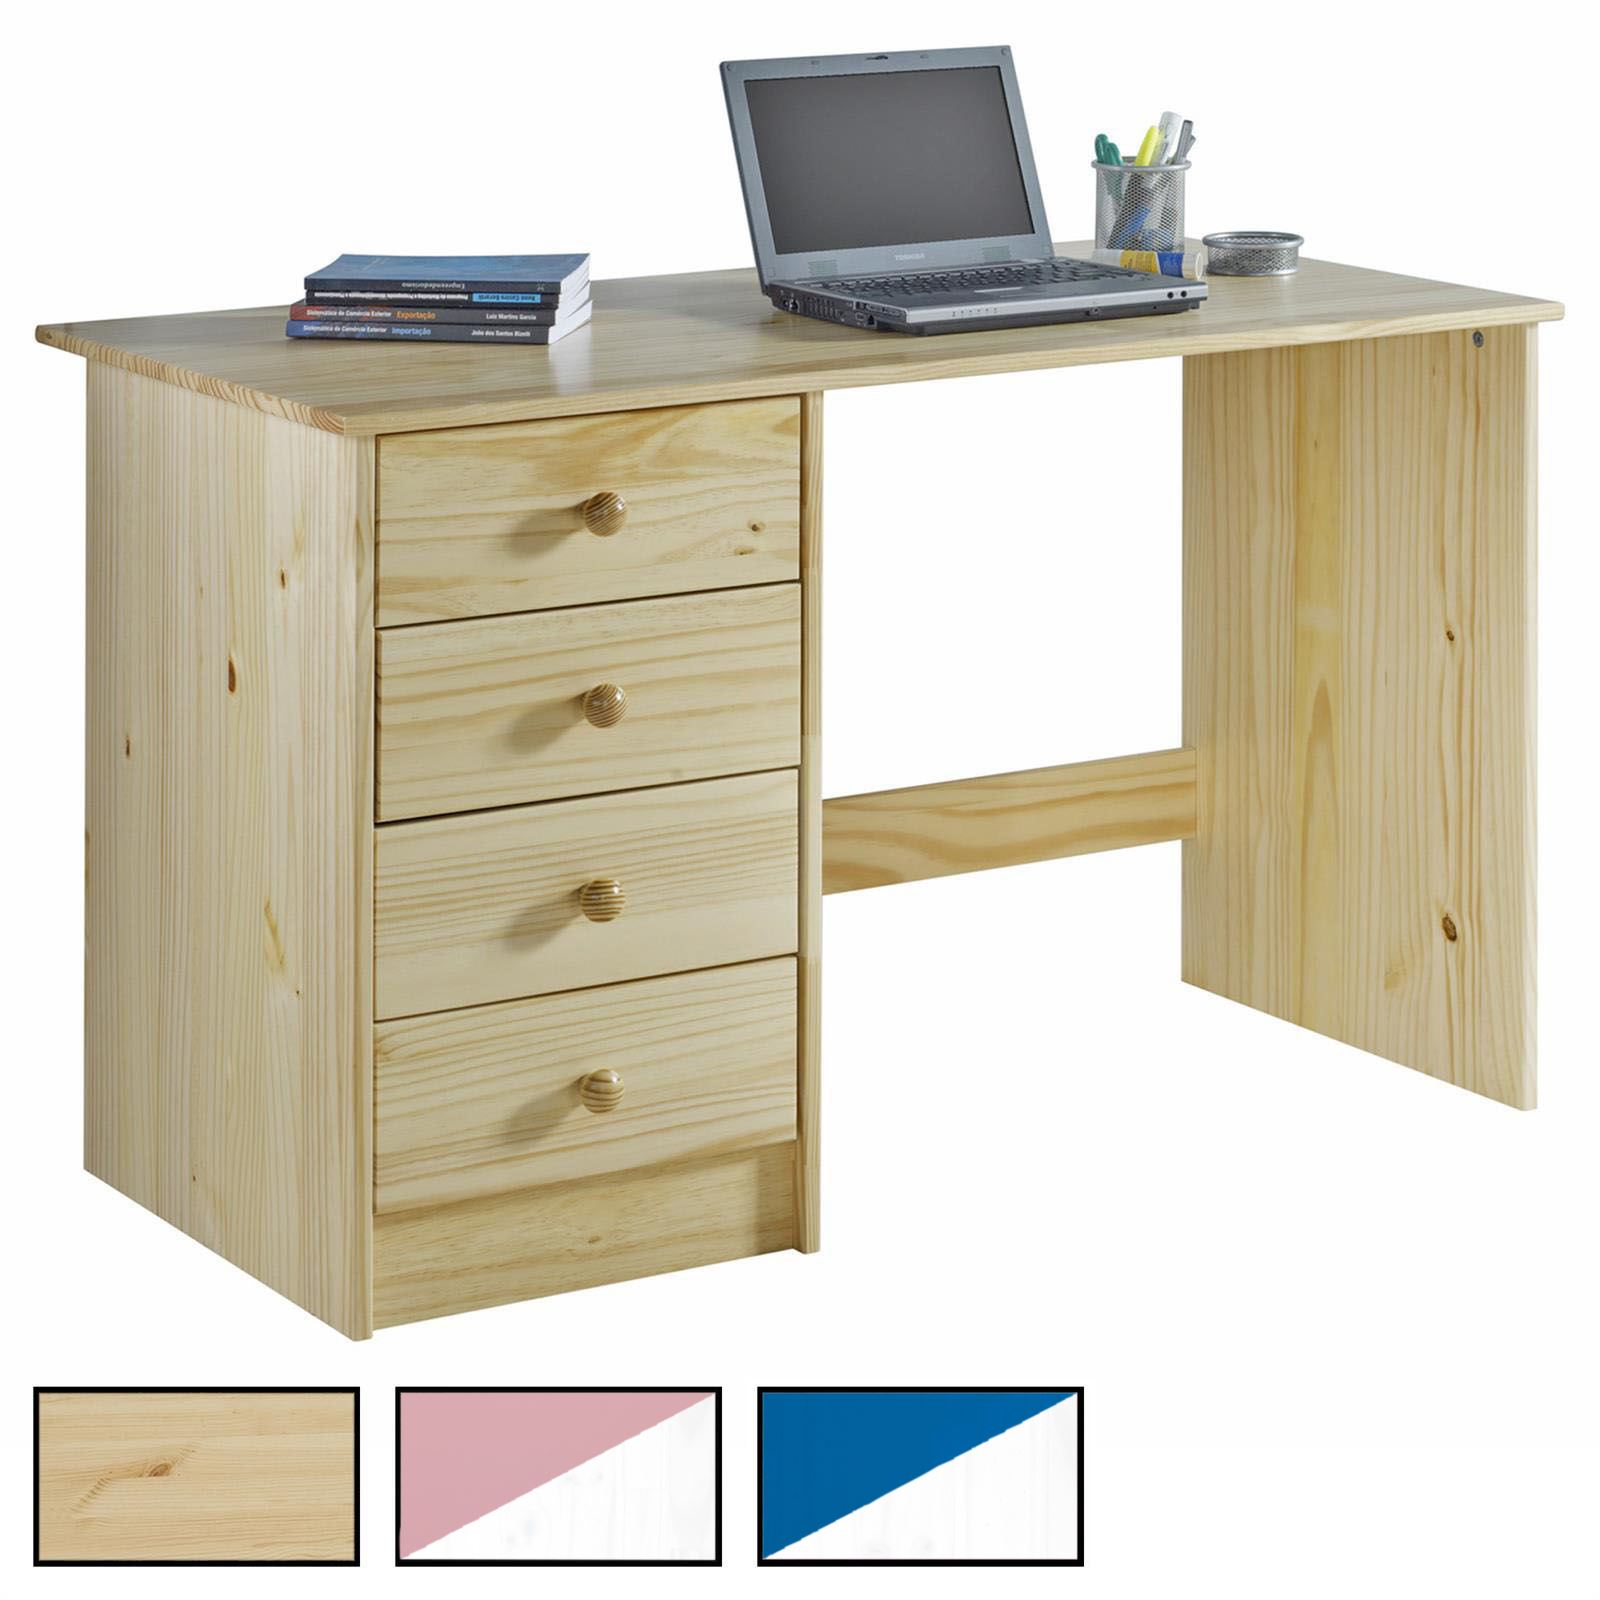 Schreibtisch arne in kiefer massiv mobilia24 for Schreibtisch in kiefer